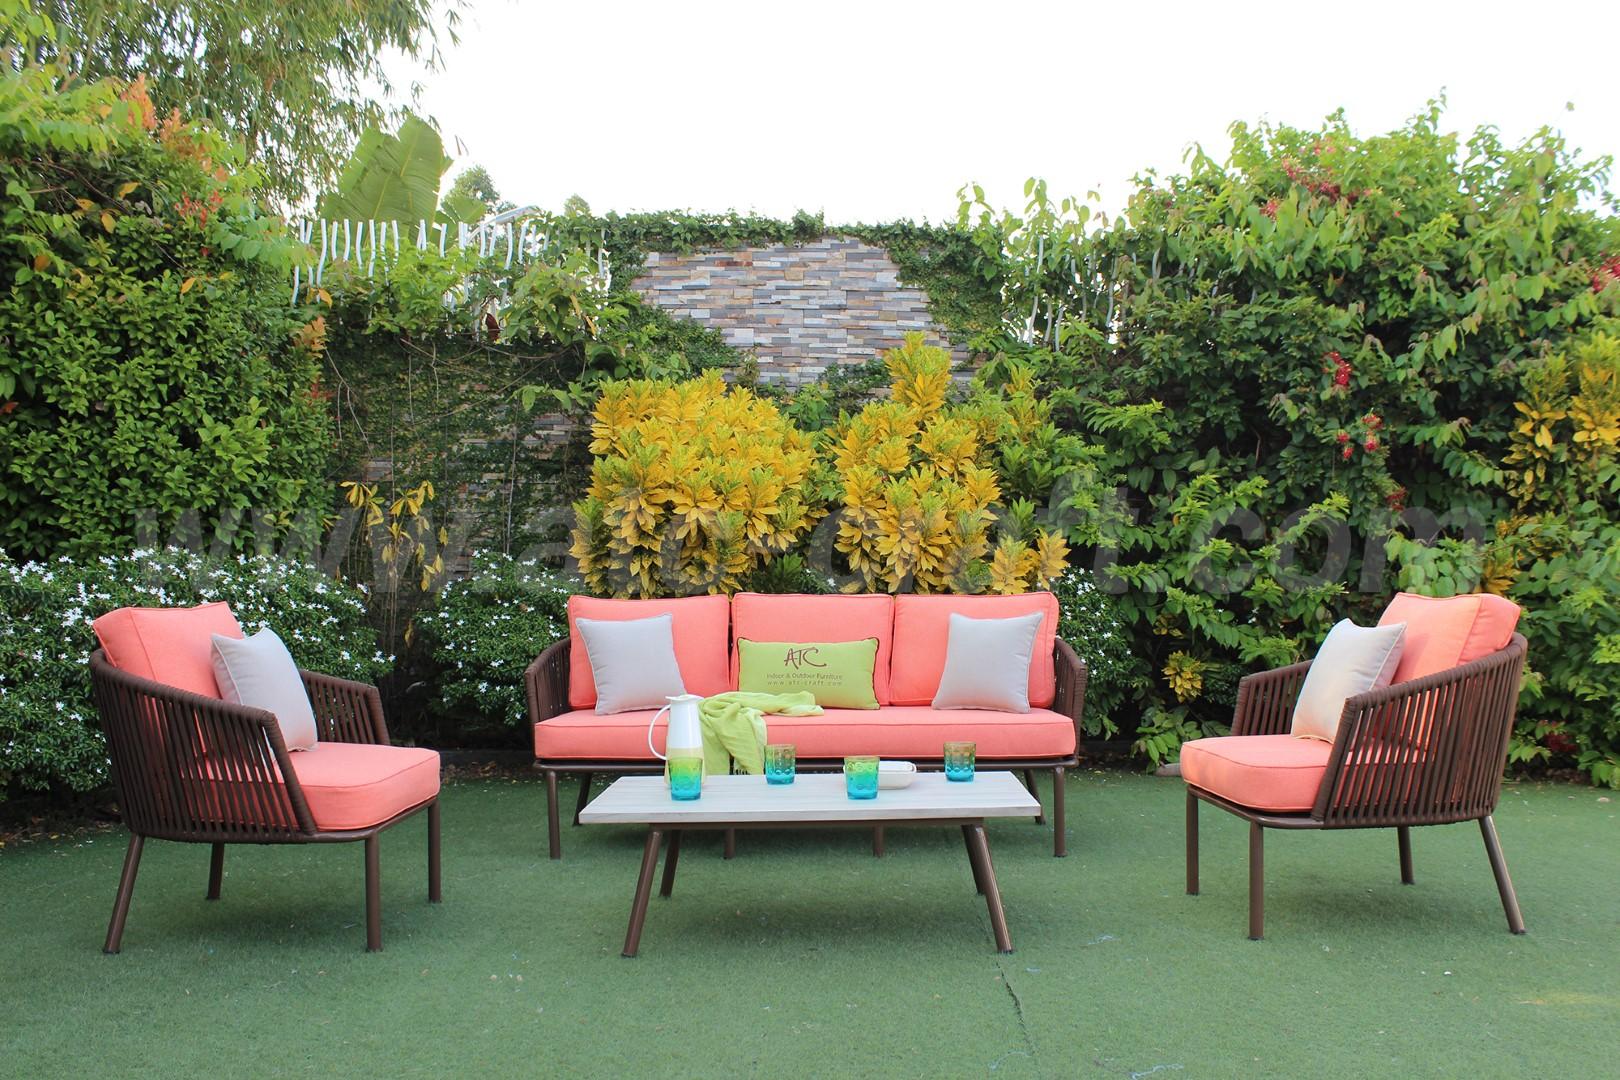 Bộ ghế sofa dây thừng sân vườn thanh lịch RASF-192